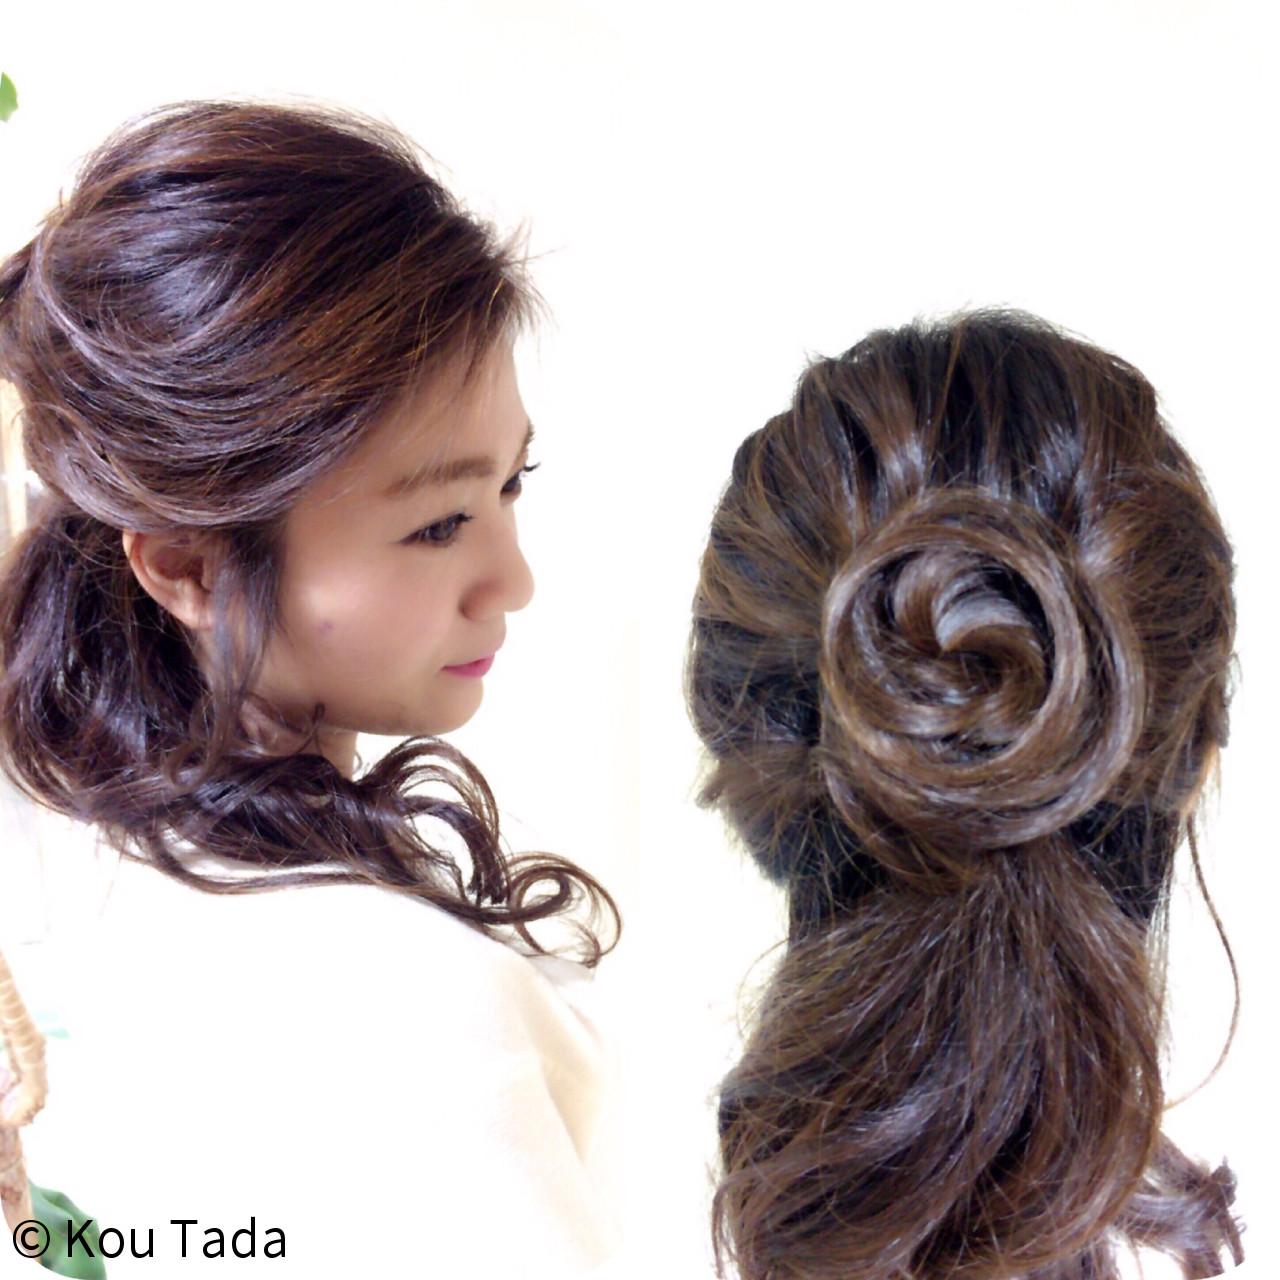 フェミニン パーティ 結婚式 ヘアアレンジ ヘアスタイルや髪型の写真・画像